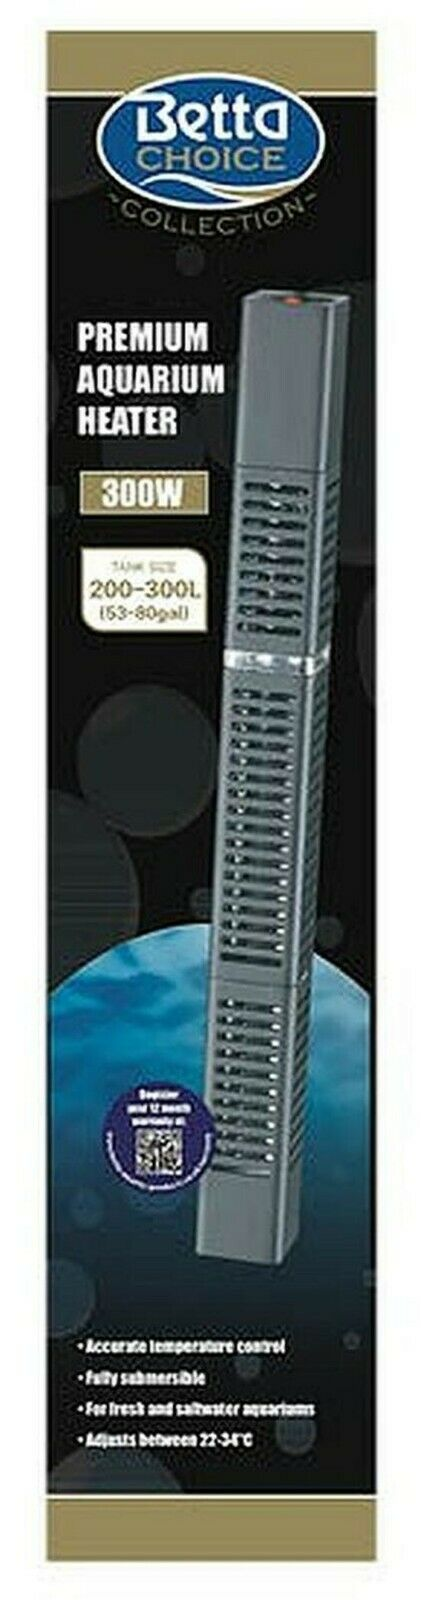 Betta Premium Aquarium Heater 300w